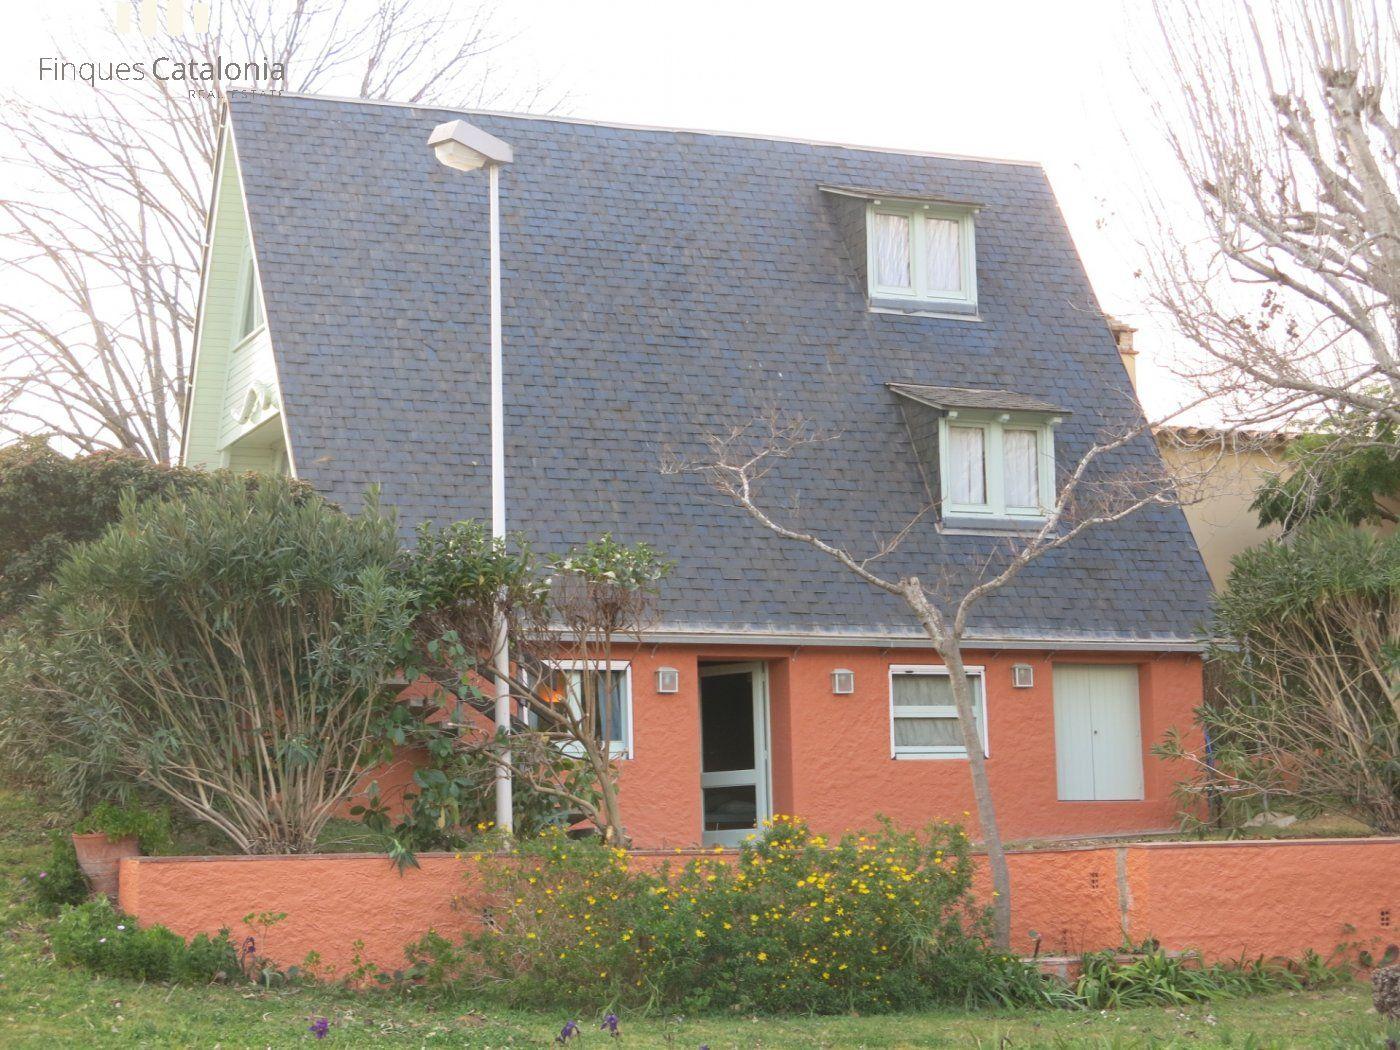 House for rent in CALONGE PUEBLO, Calonge